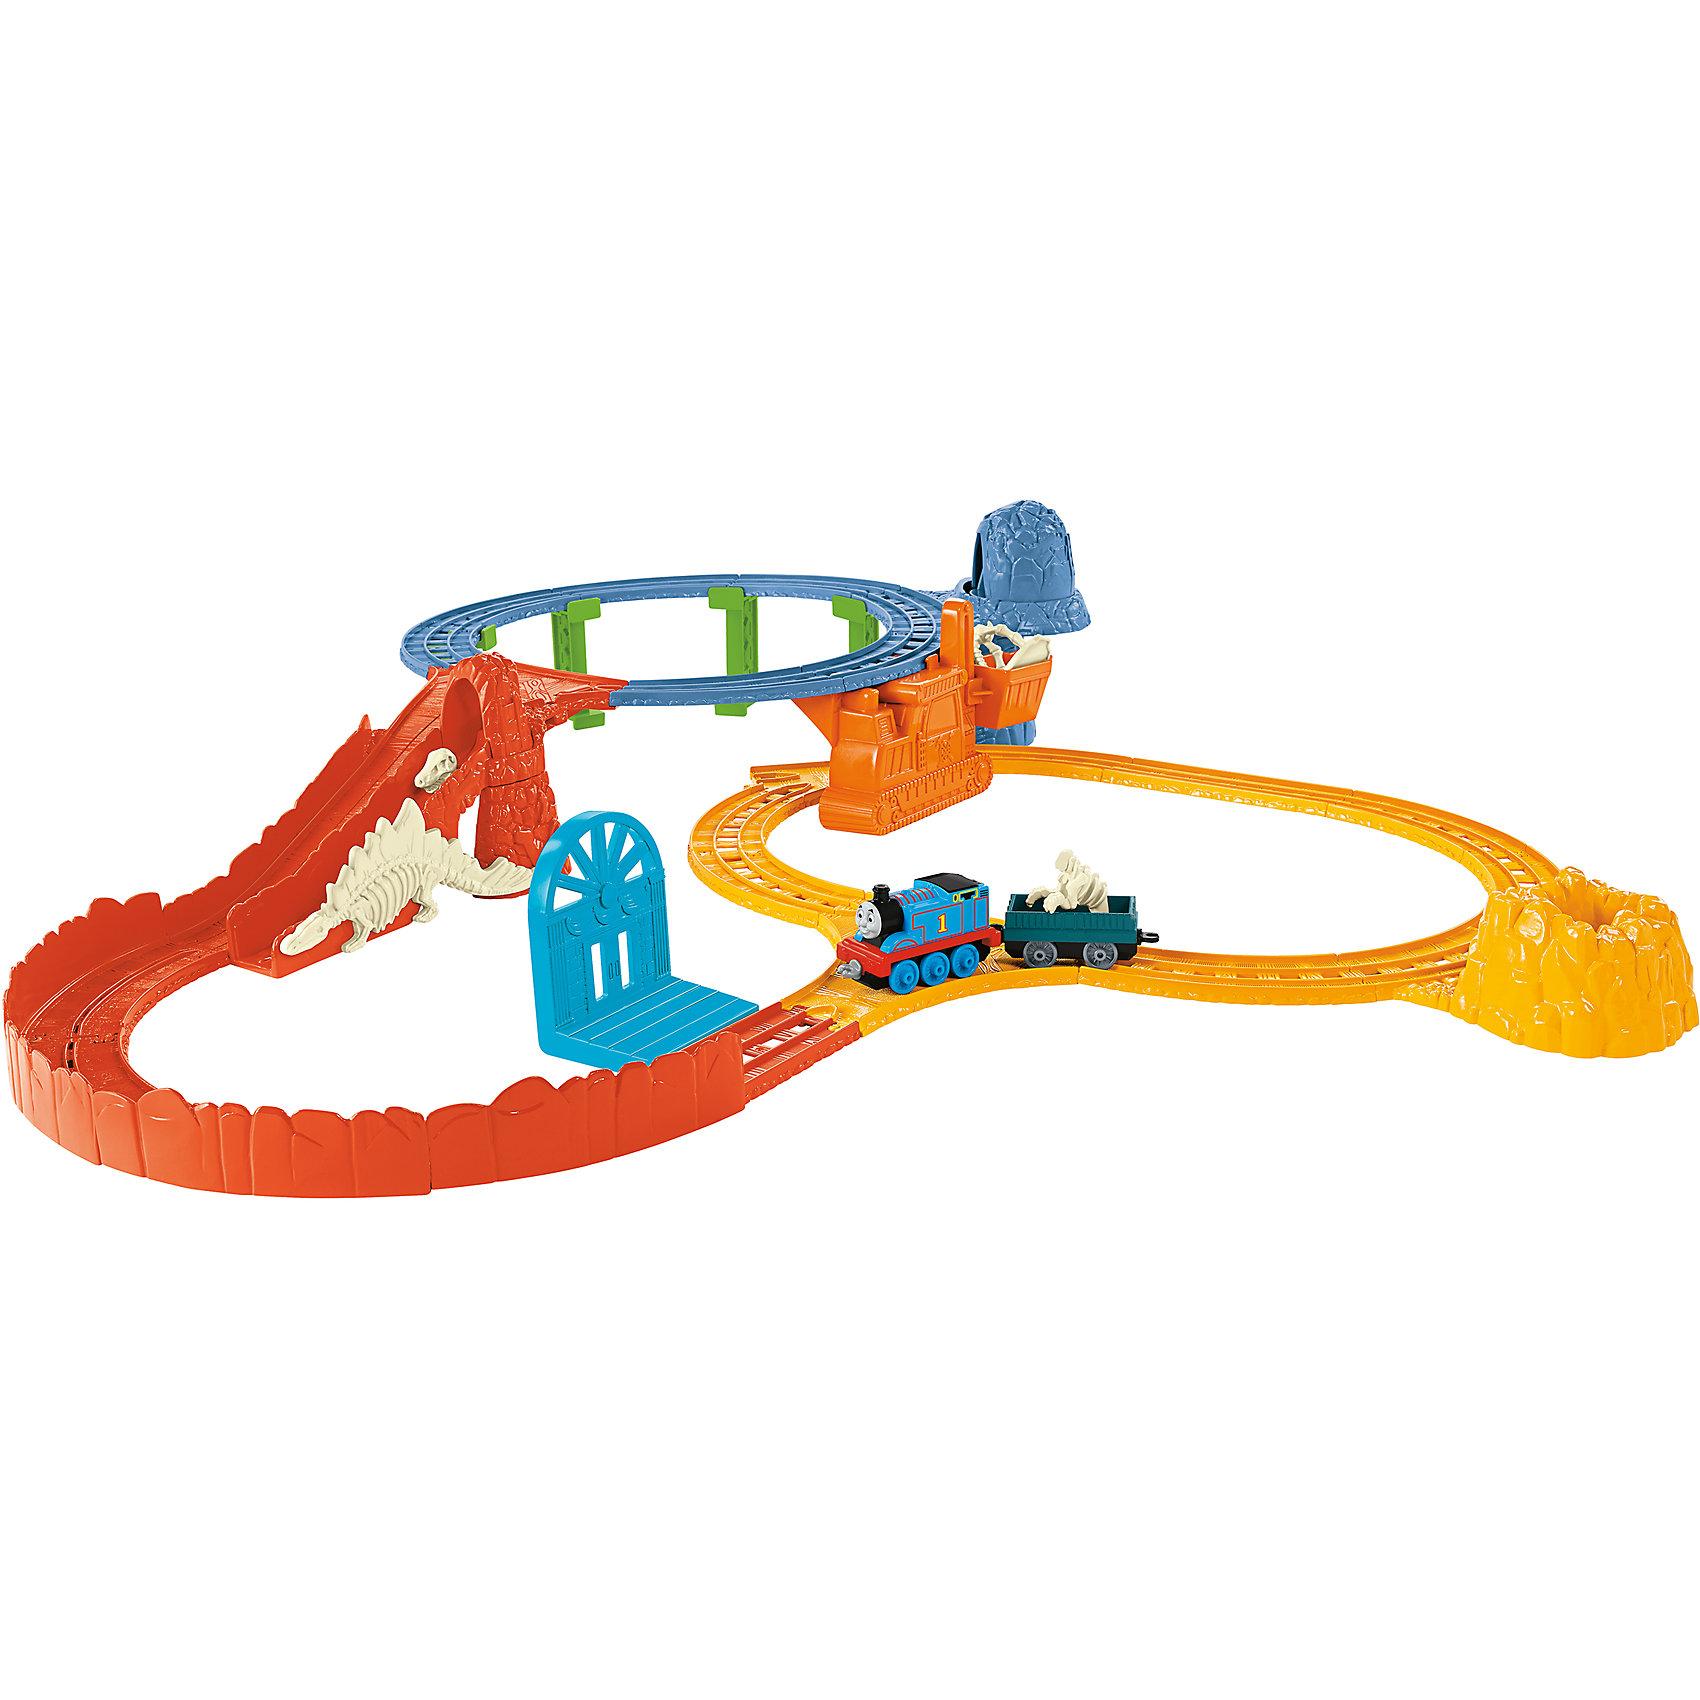 Раскопки Динозавров, Томас и его друзьяПопулярные игрушки<br>На месте раскопок динозавров у Томаса много работы! Ему необходимо найти все останки динозавра, чтобы затем доставить его в музей. Свое путешествие Томас начинает на верхней петле, далее по горному склону, направляется к обрыву и к нижнему уровню в кратер. Все кости динозавра собраны, и он займет свое место в музее!<br><br>Дополнительная информация:<br><br>В набор входят:<br>- Паровозик Томас <br>- Двери для побега<br>- Ковшовый транспортер<br>- Рампа для съезда Томаса <br>- Набор из трех костей для сборки динозавра <br>- Фрагменты железной дороги.<br><br>Раскопки Динозавров, Томас и его друзья можно купить в нашем магазине.<br><br>Ширина мм: 280<br>Глубина мм: 410<br>Высота мм: 70<br>Вес г: 845<br>Возраст от месяцев: 36<br>Возраст до месяцев: 96<br>Пол: Мужской<br>Возраст: Детский<br>SKU: 4190724